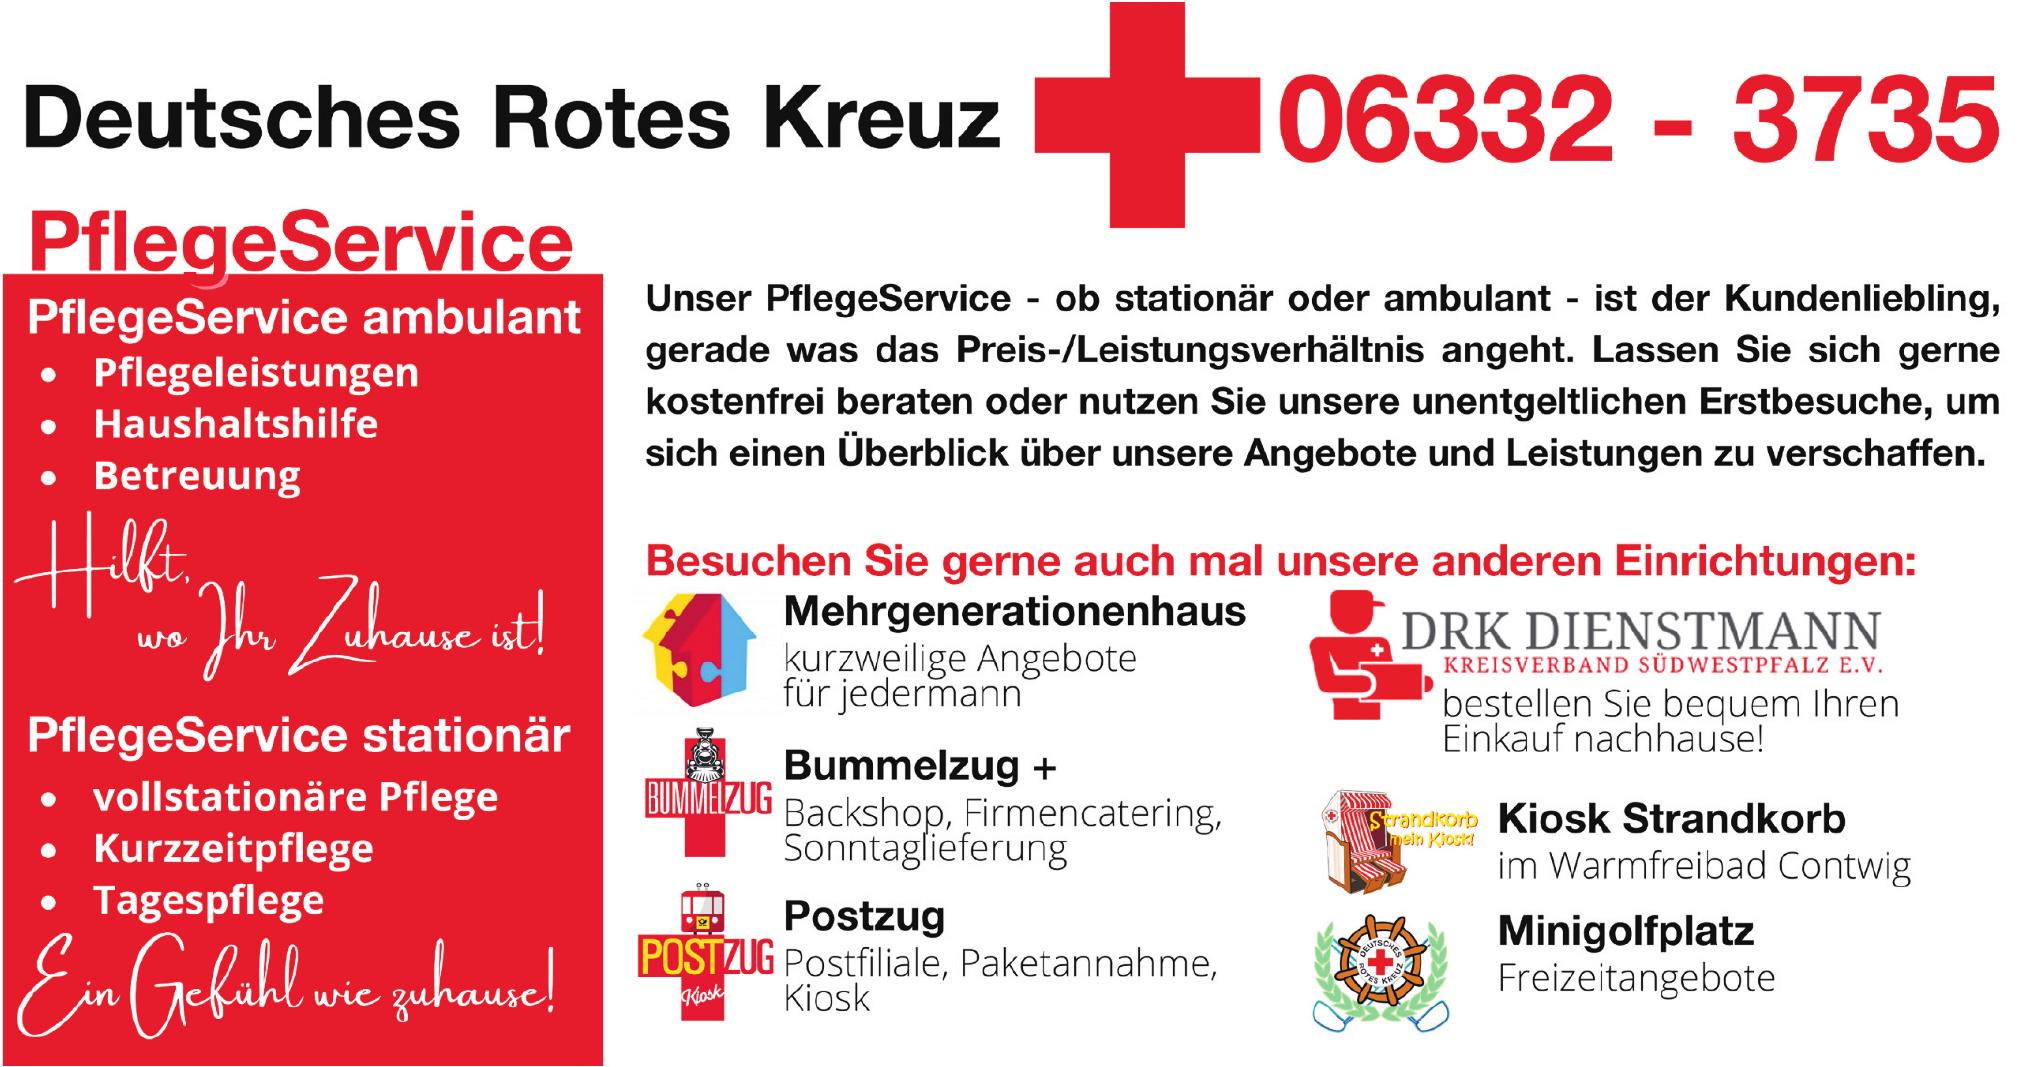 Deutusches Rotes Kreuz - Pflege Service